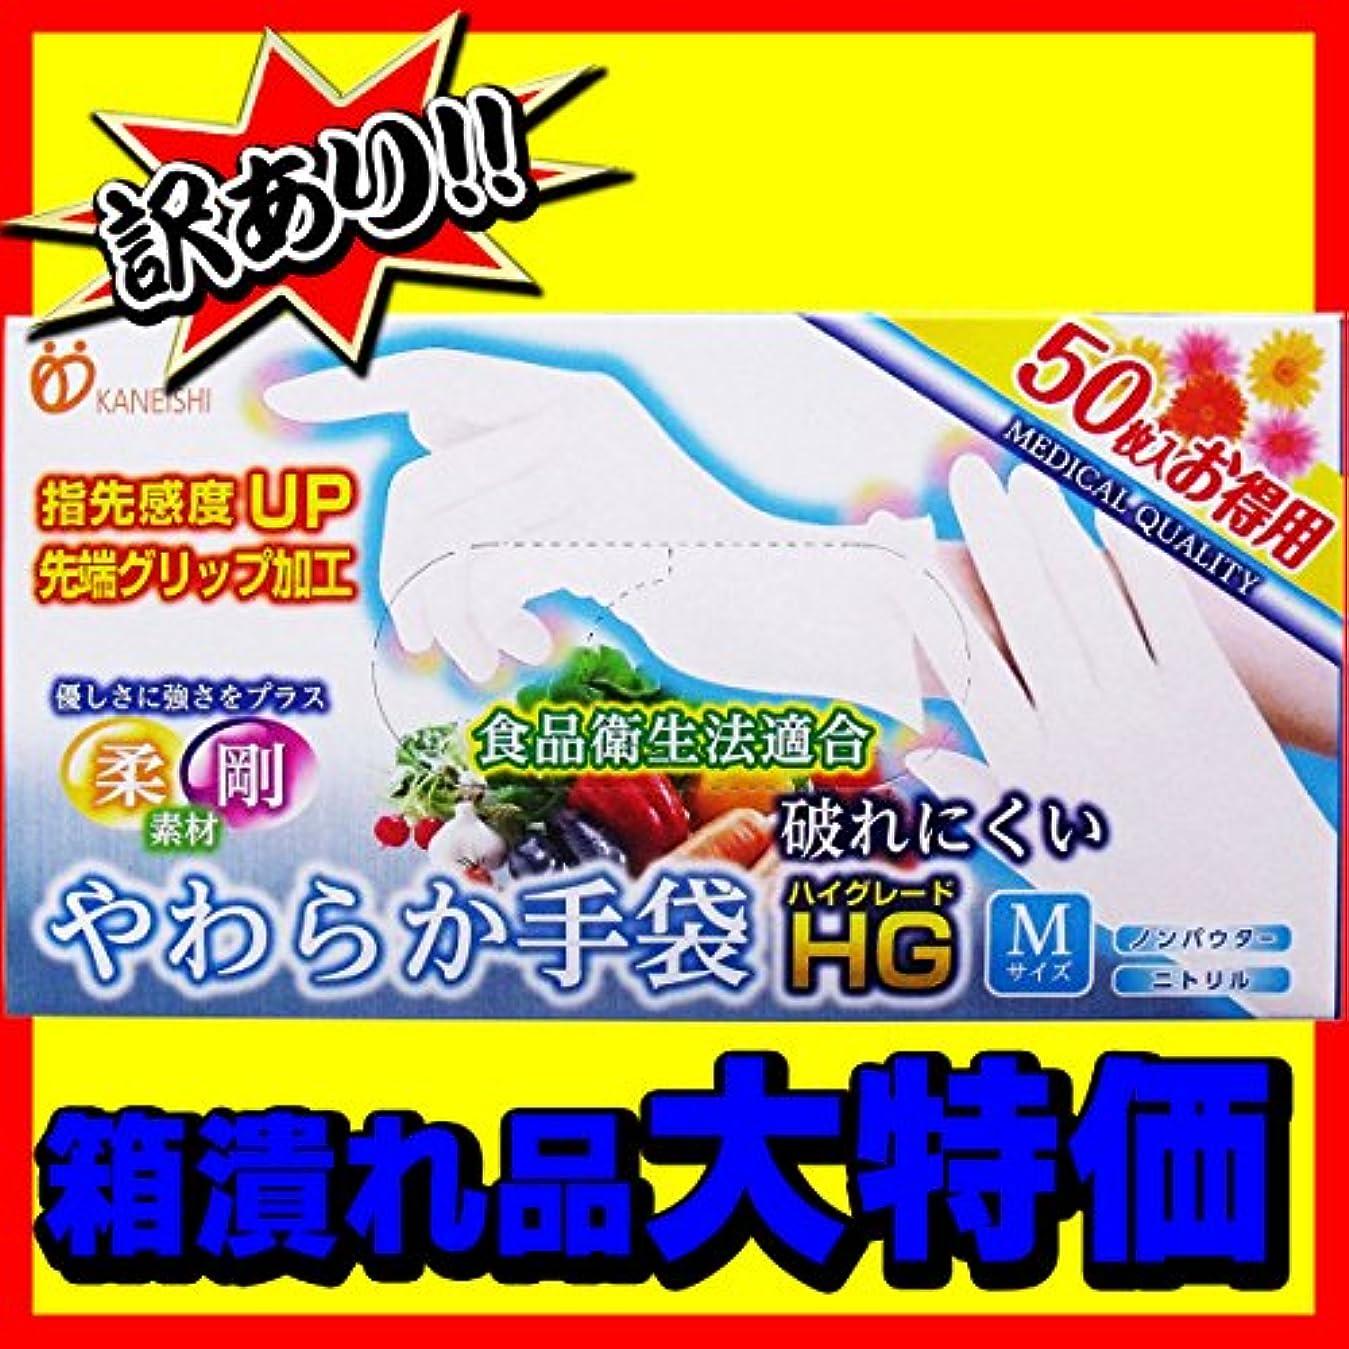 勧めるぼかす適切な【訳あり】 やわらか手袋HG(ハイグレード) 二トリル手袋 パウダーフリー Mサイズ50枚入×5個セット